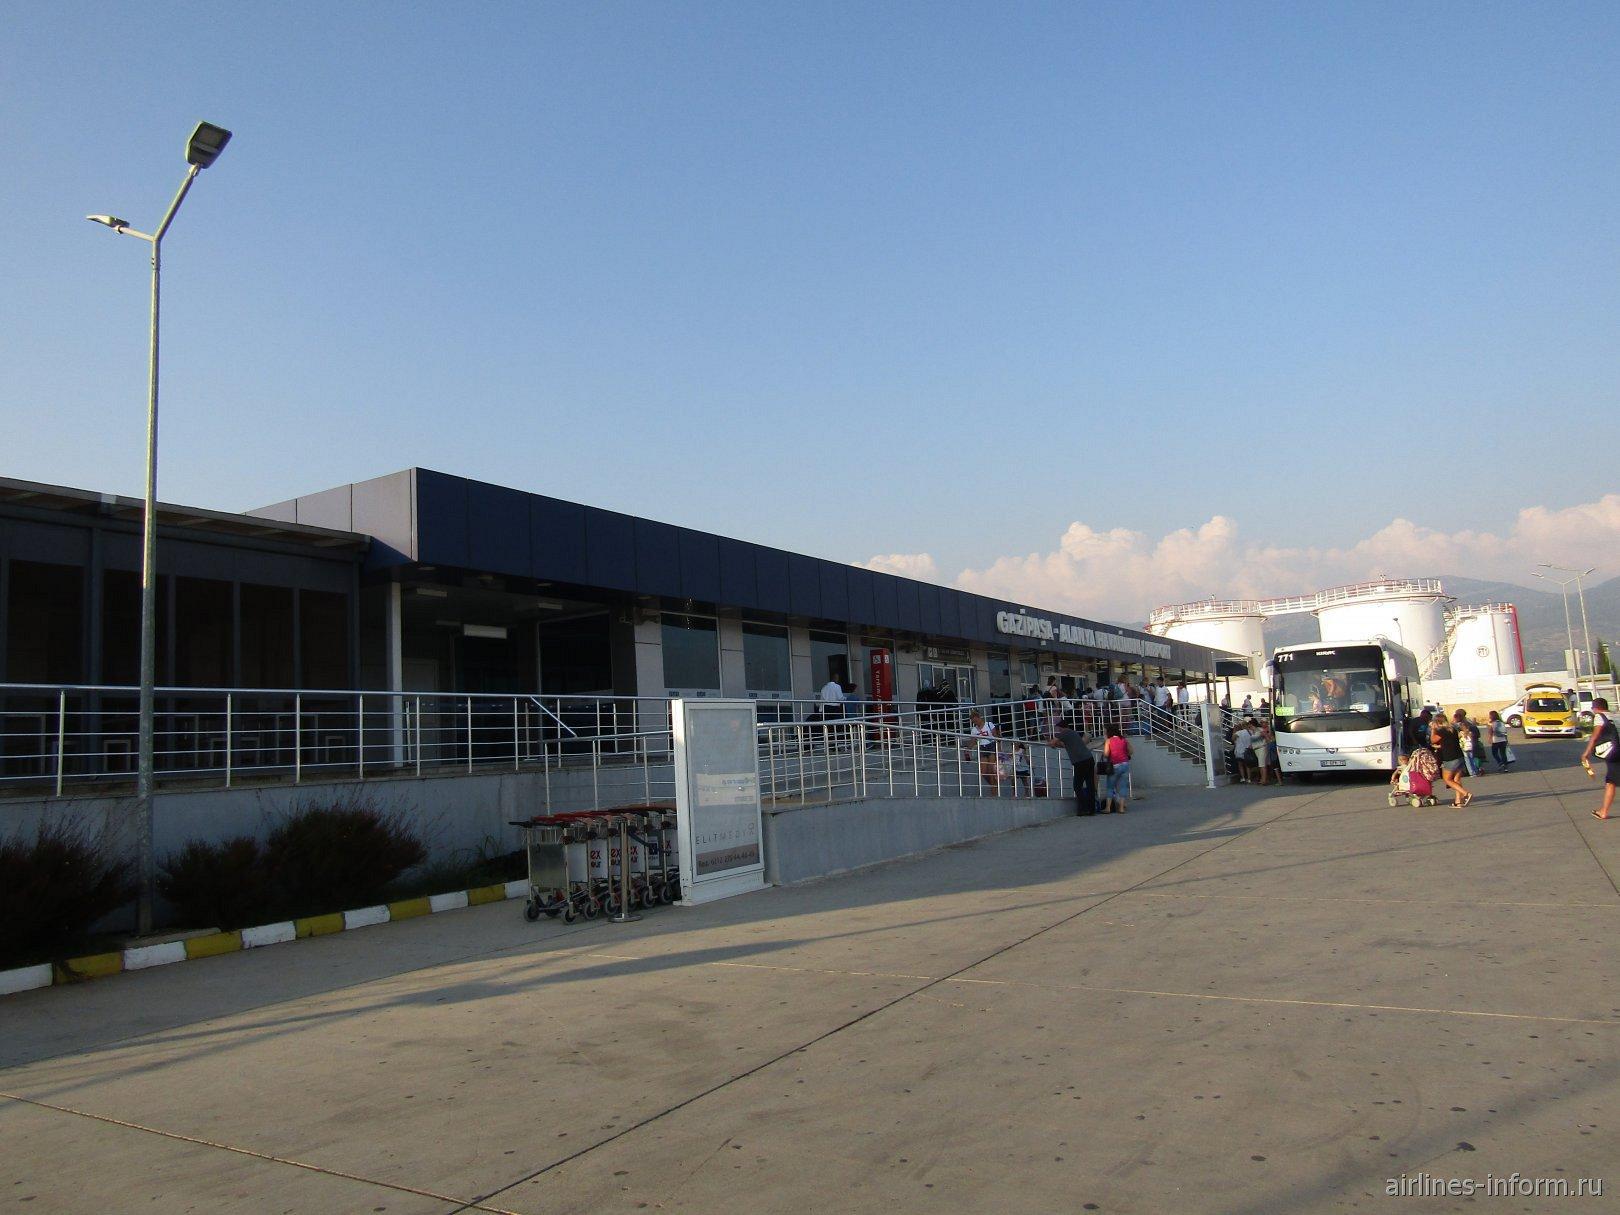 У входа в пассажирский терминал аэропорта Алания Газипаша